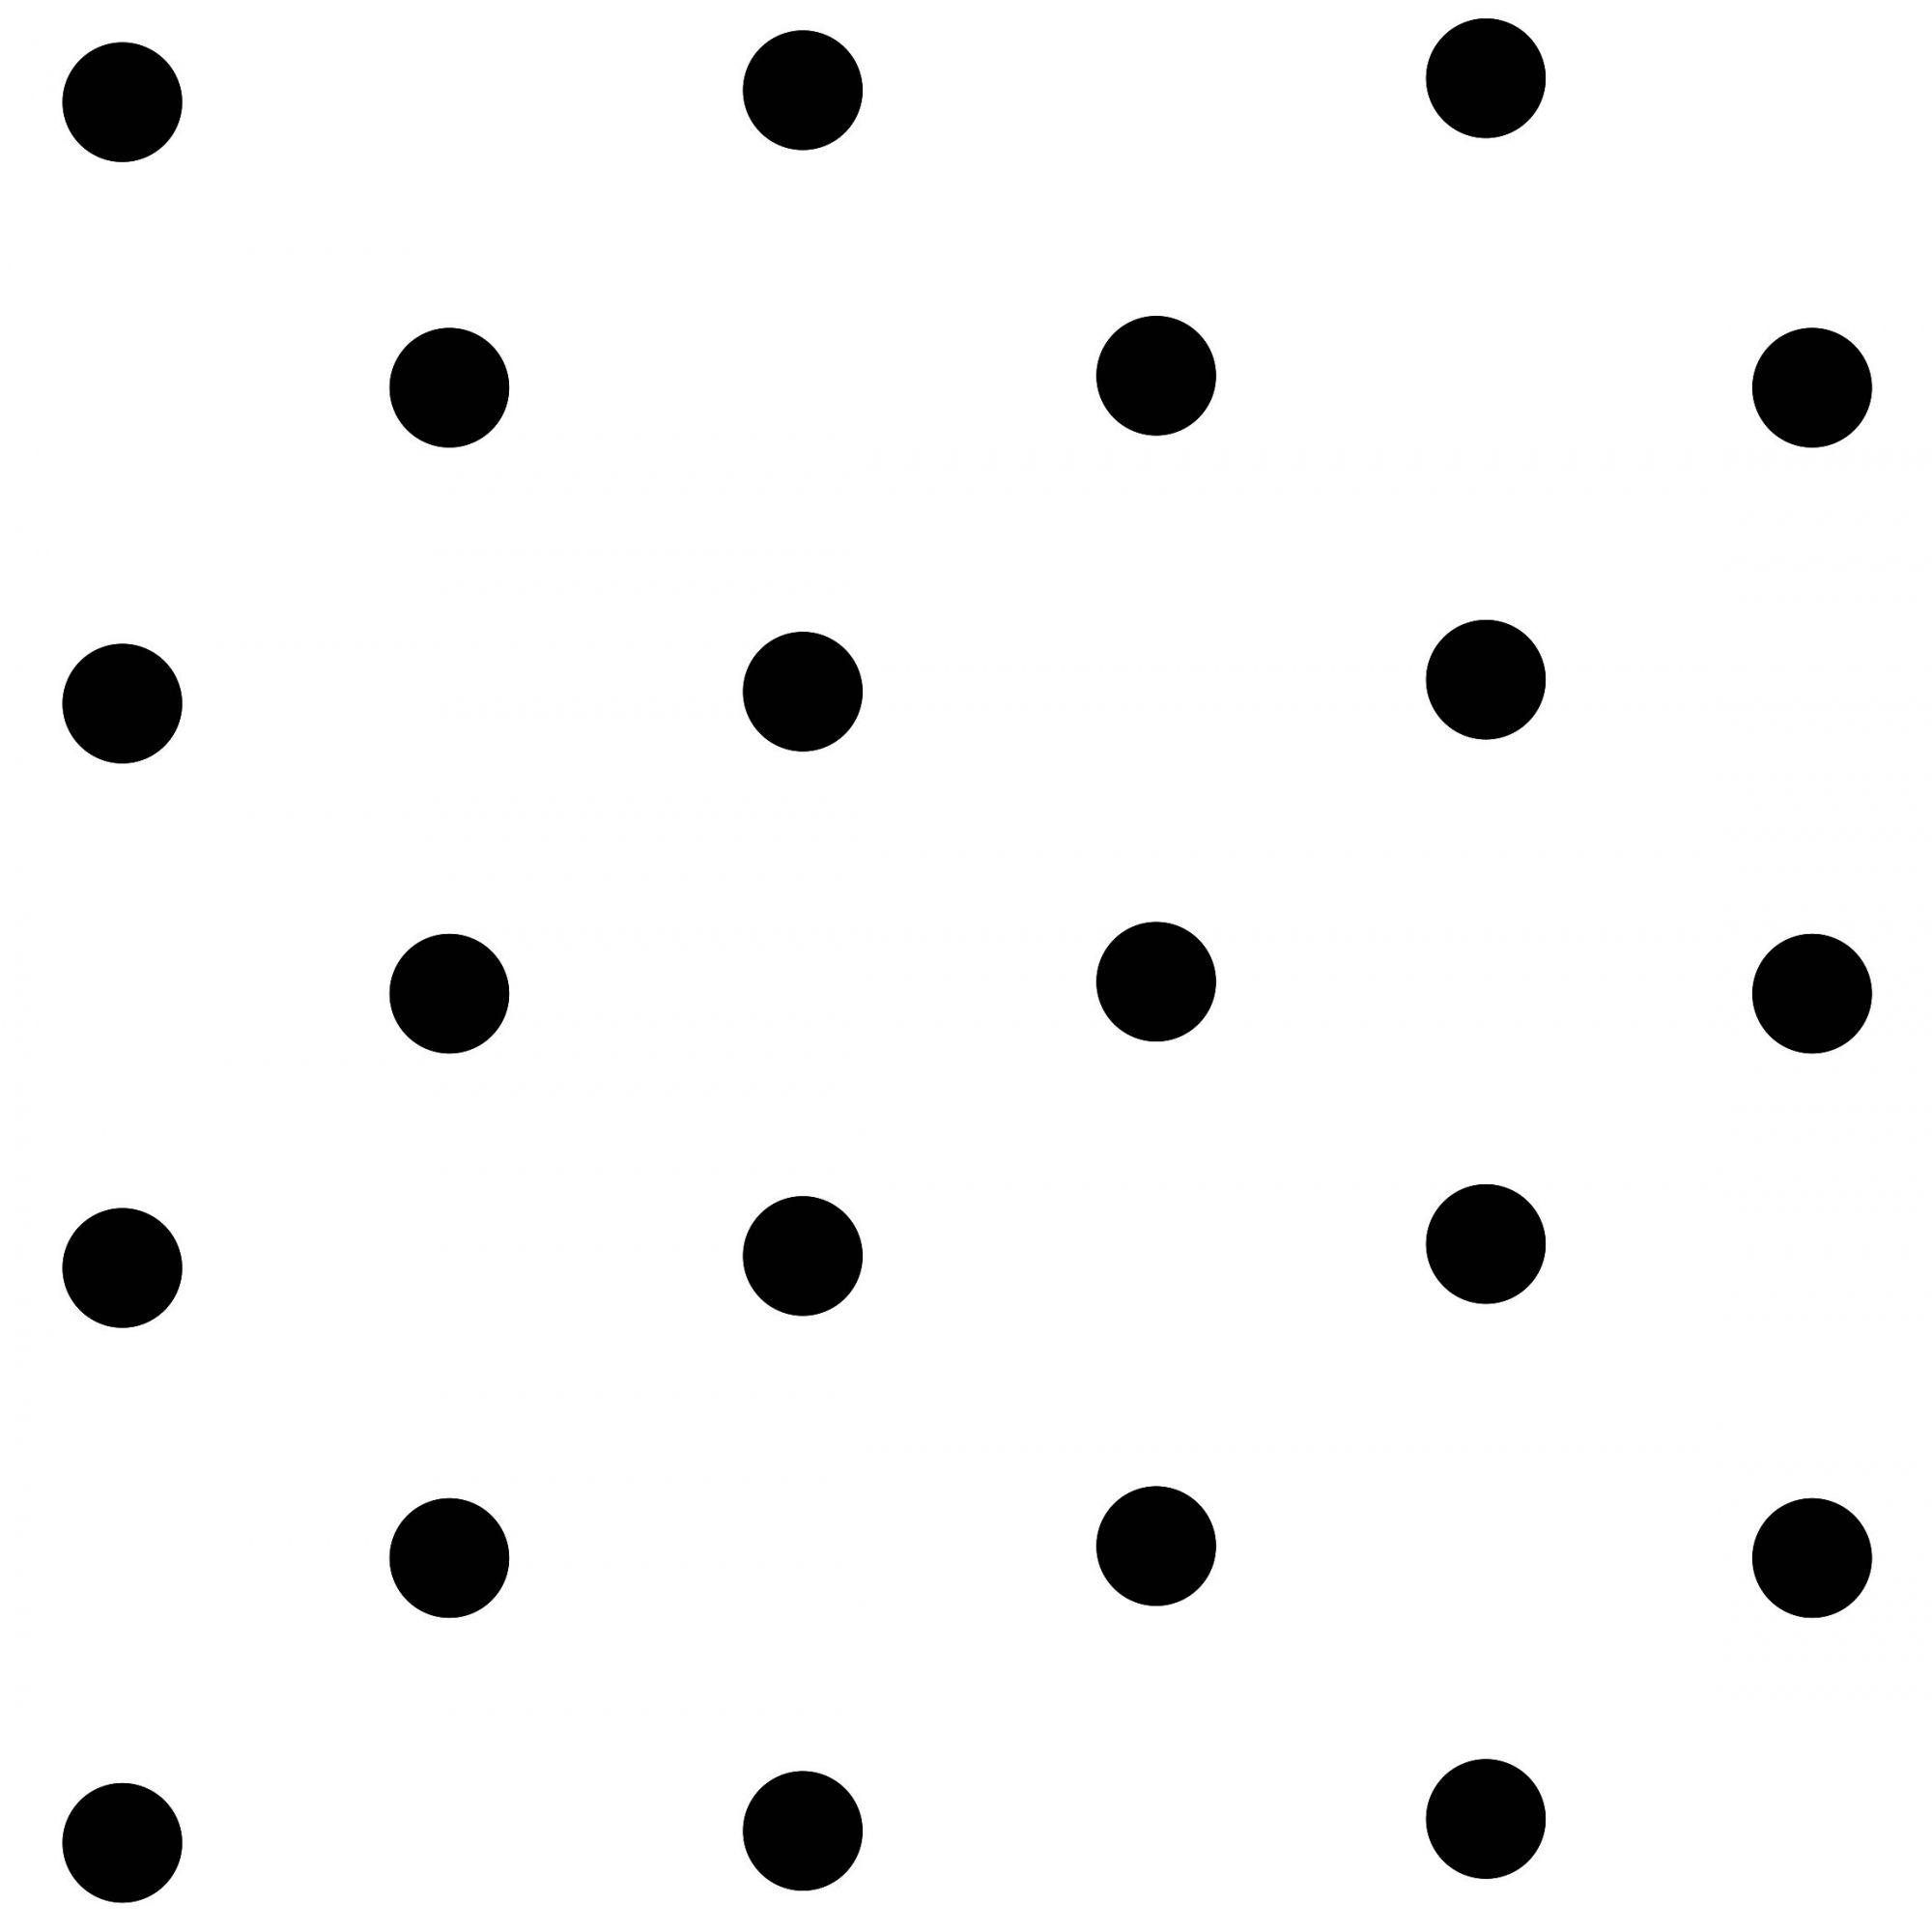 Adesivo kit círculos